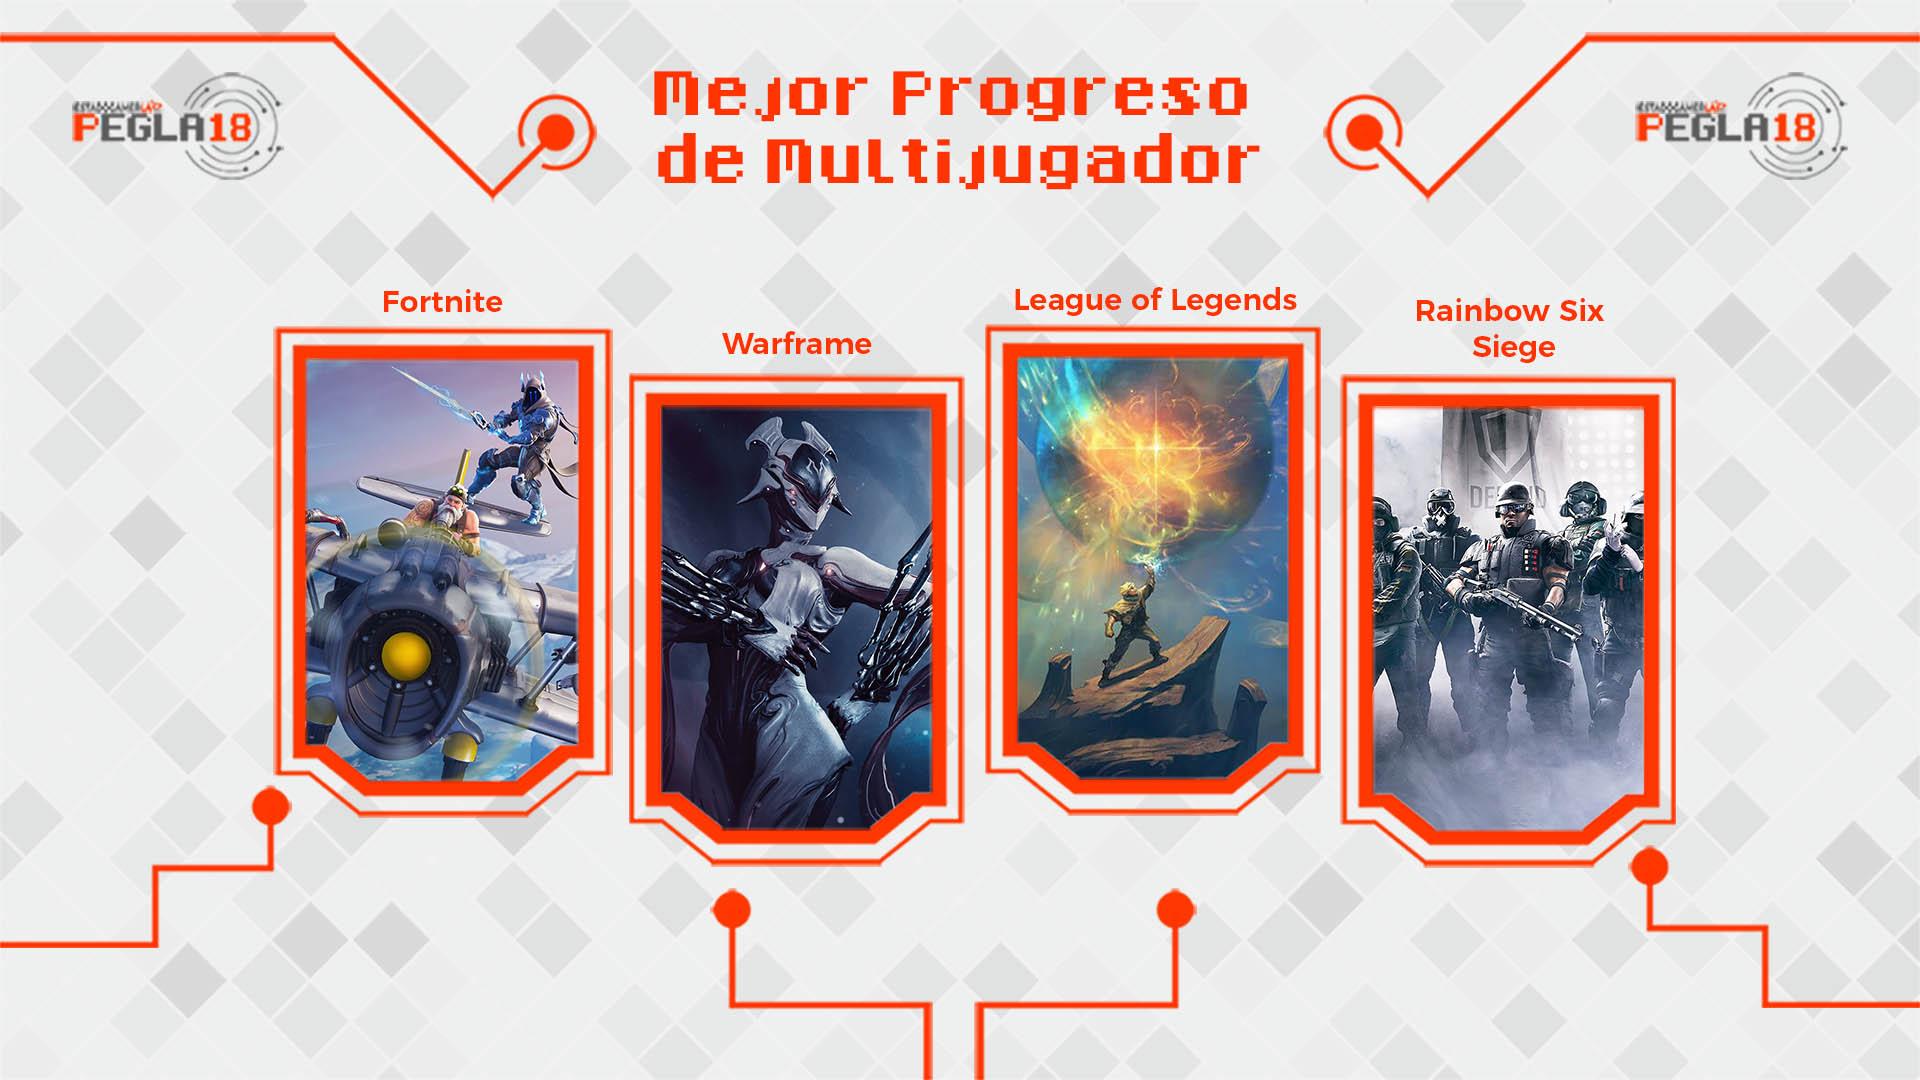 Premios EGLA 2018 Mejor Progreso de Multijugador